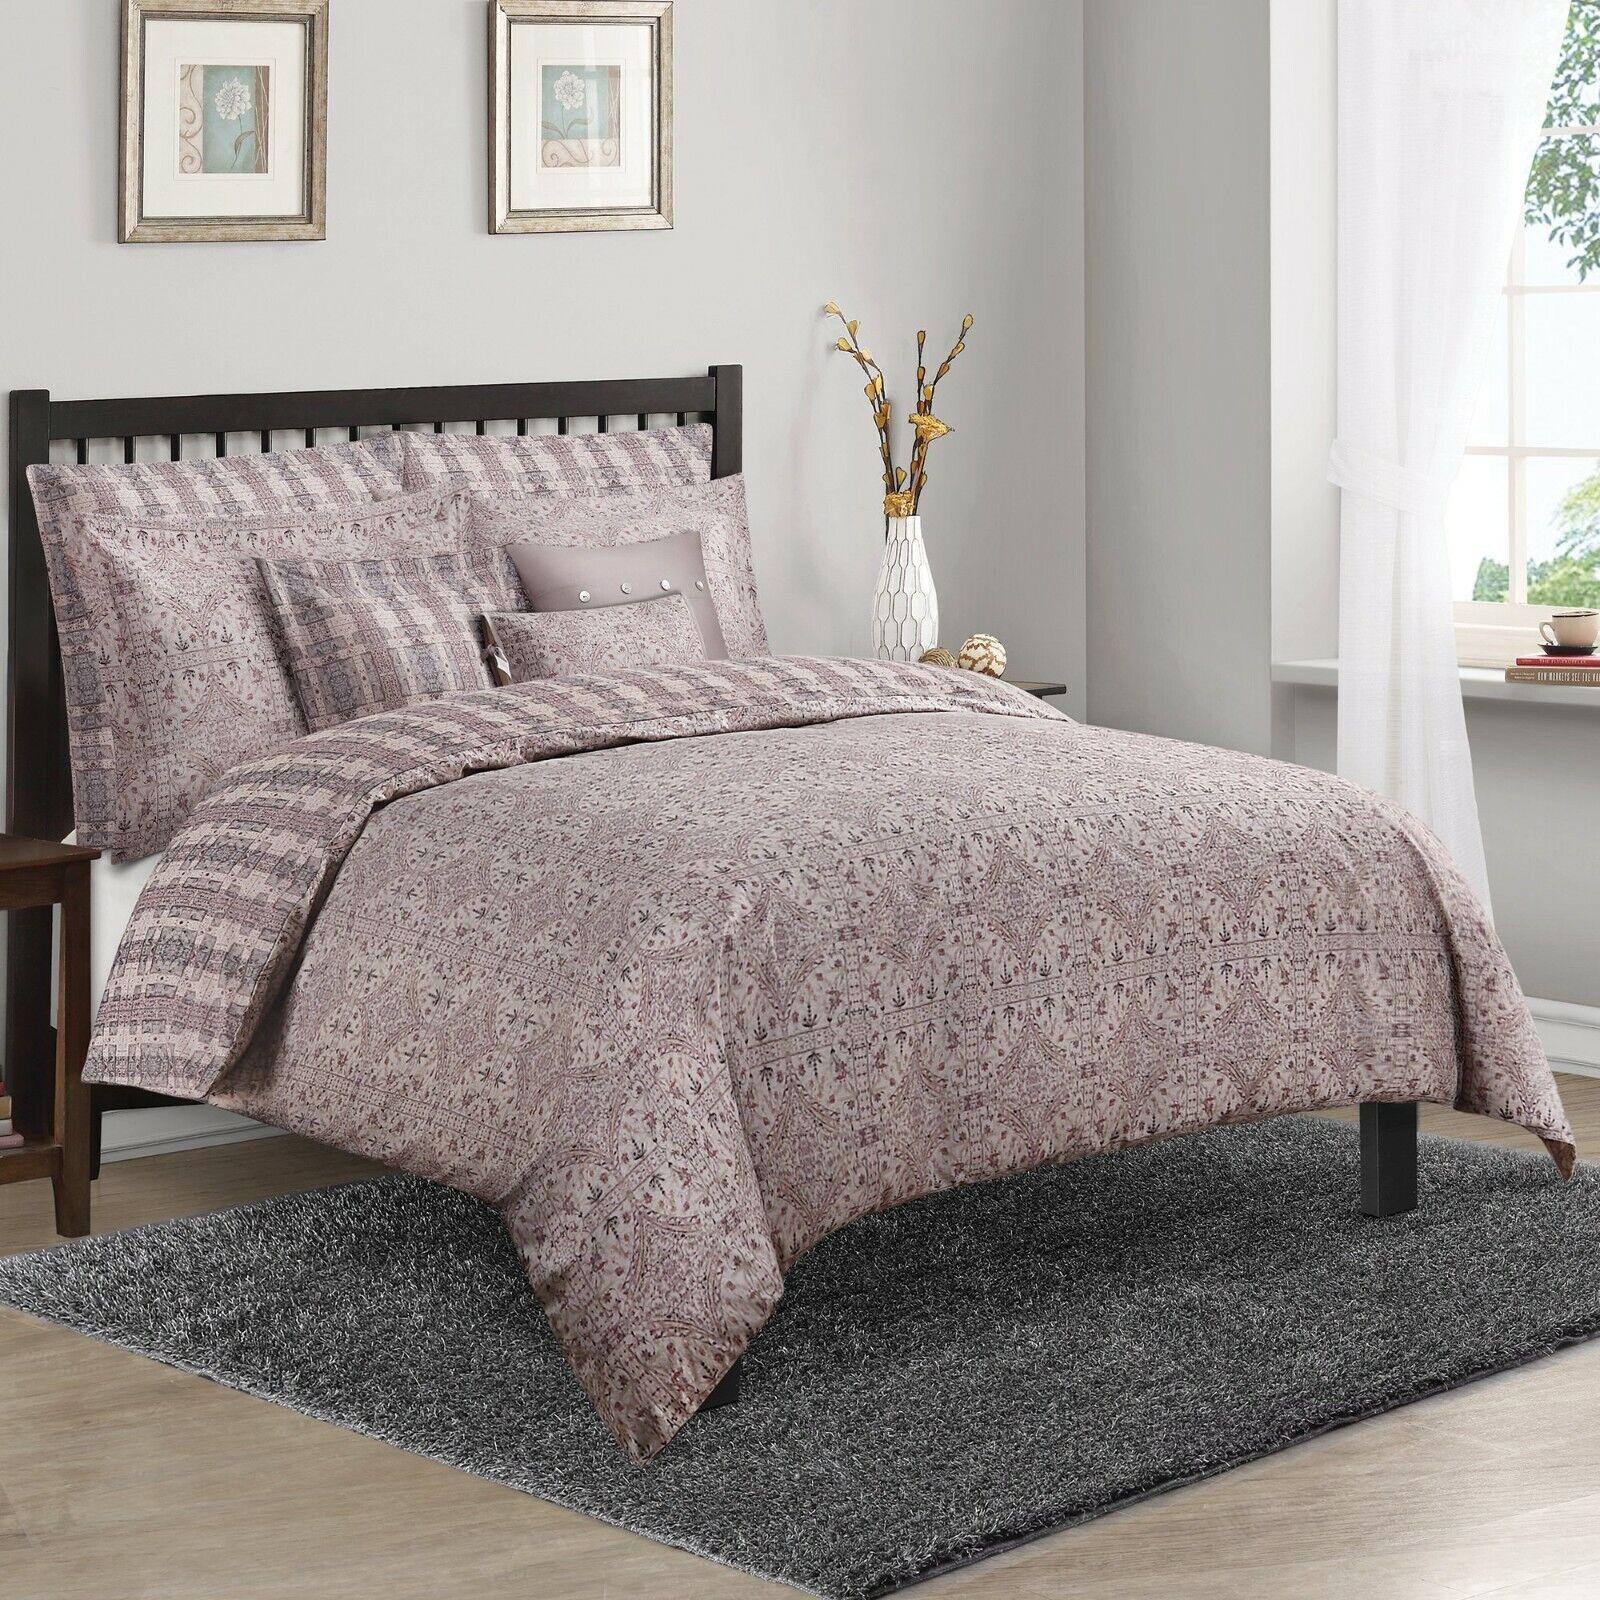 Home Persia 100% Cotton Duvet Cover Bedding